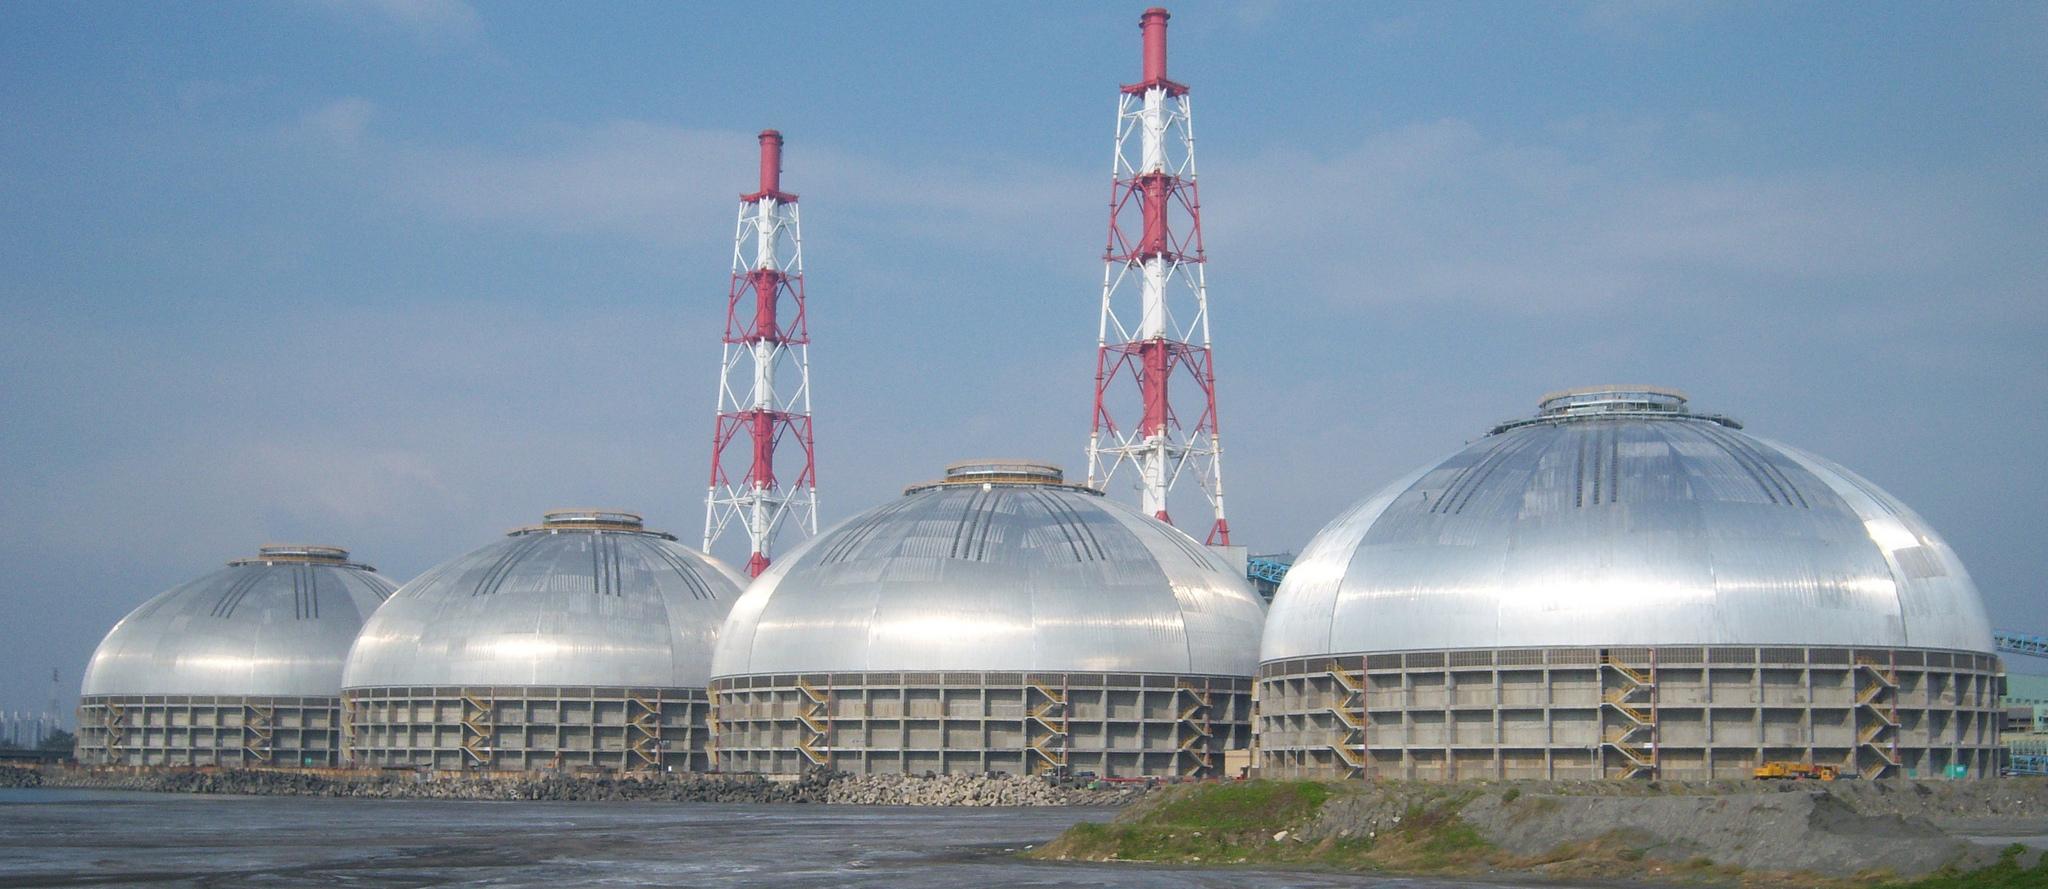 Tai Power, 4 domos de almacenamiento de carbón de 126m en Taiwán